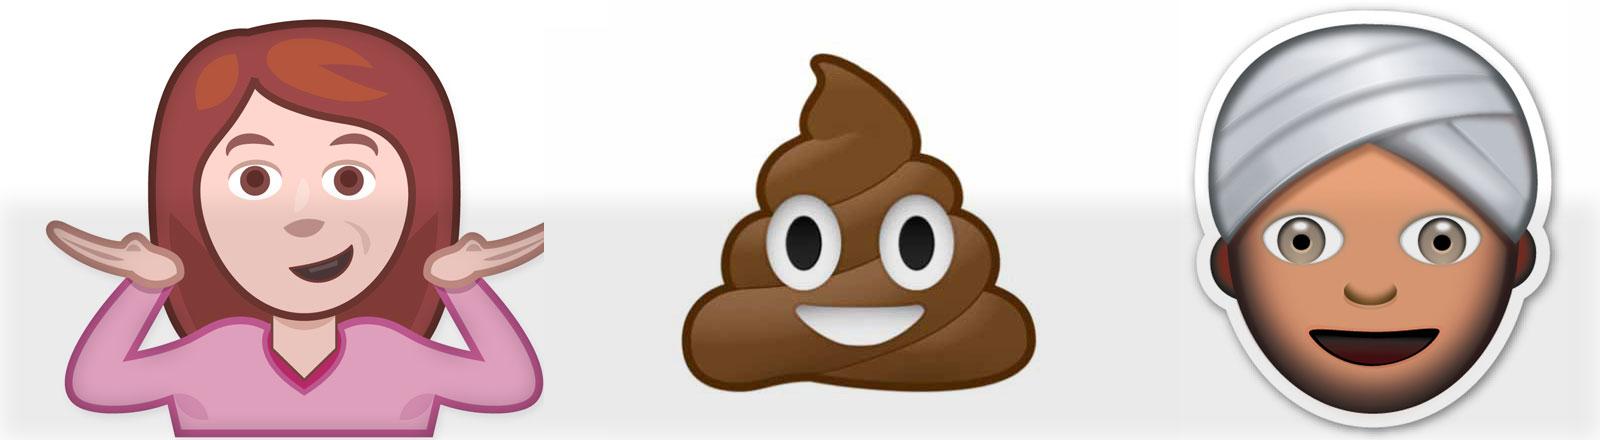 Die Emojis: ein Mädchen, ein Kackhaufen ein Mann mit Turban.